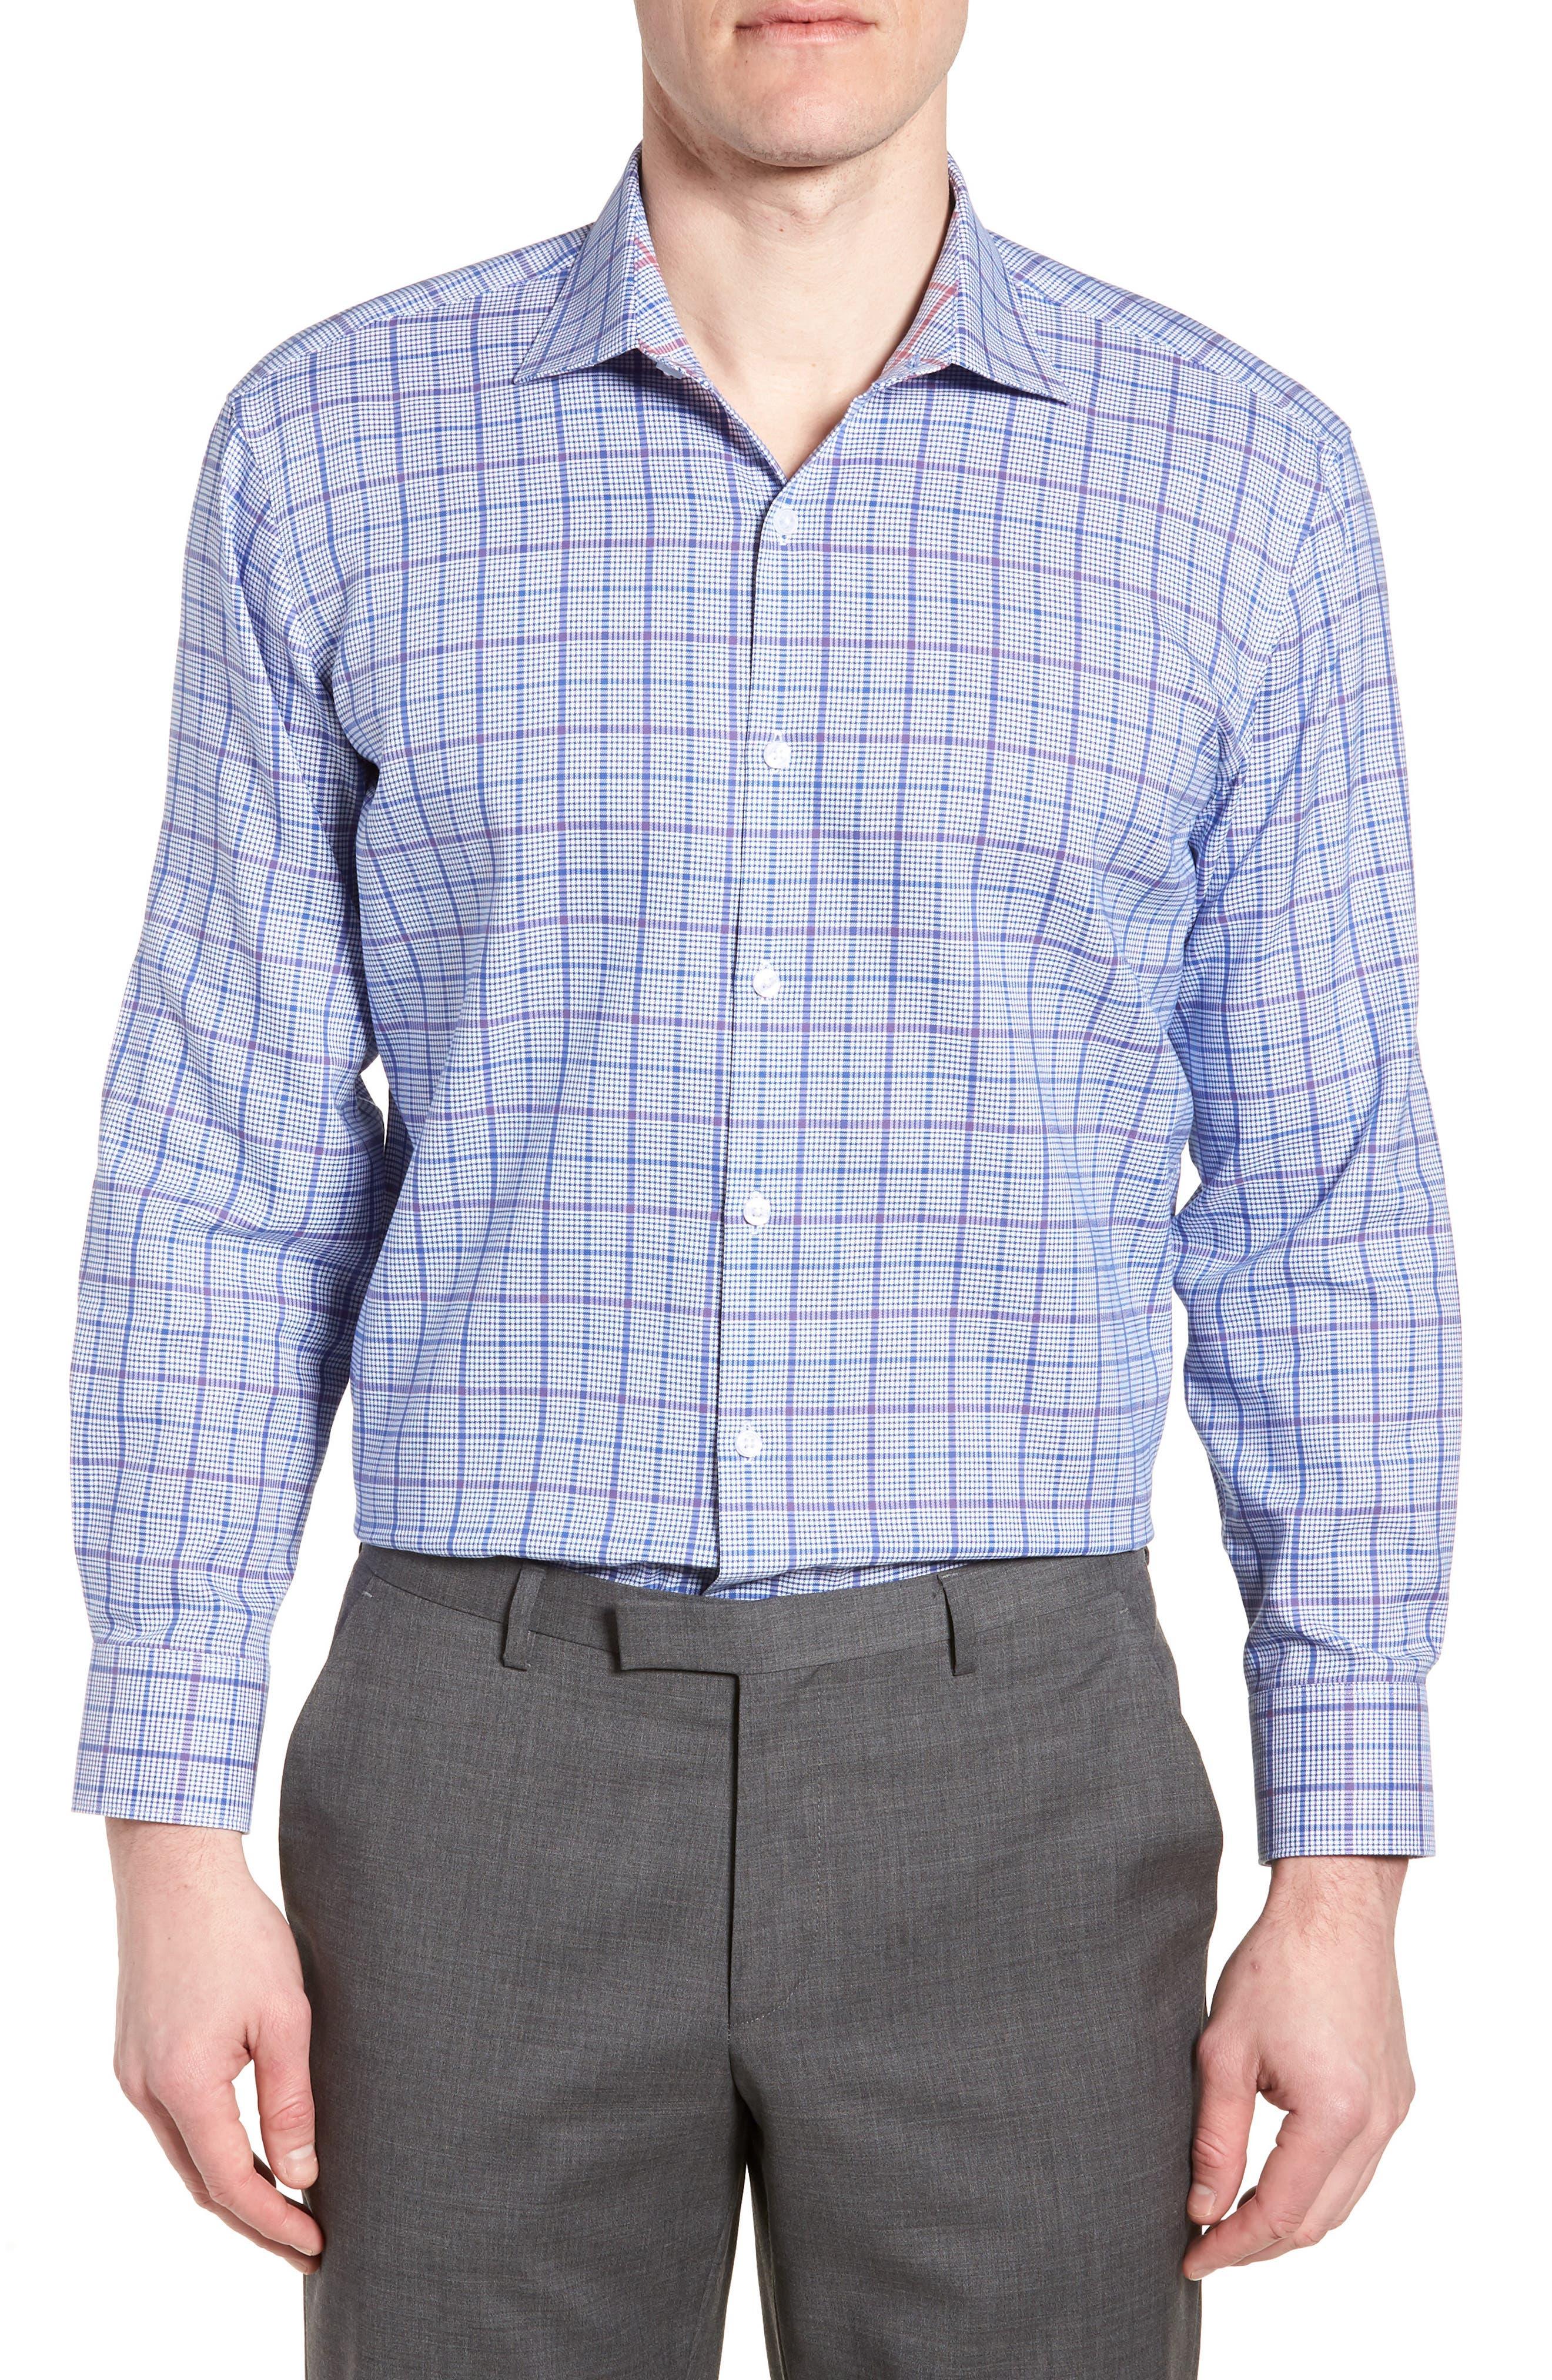 Kaden Trim Fit Plaid Dress Shirt,                         Main,                         color, 430